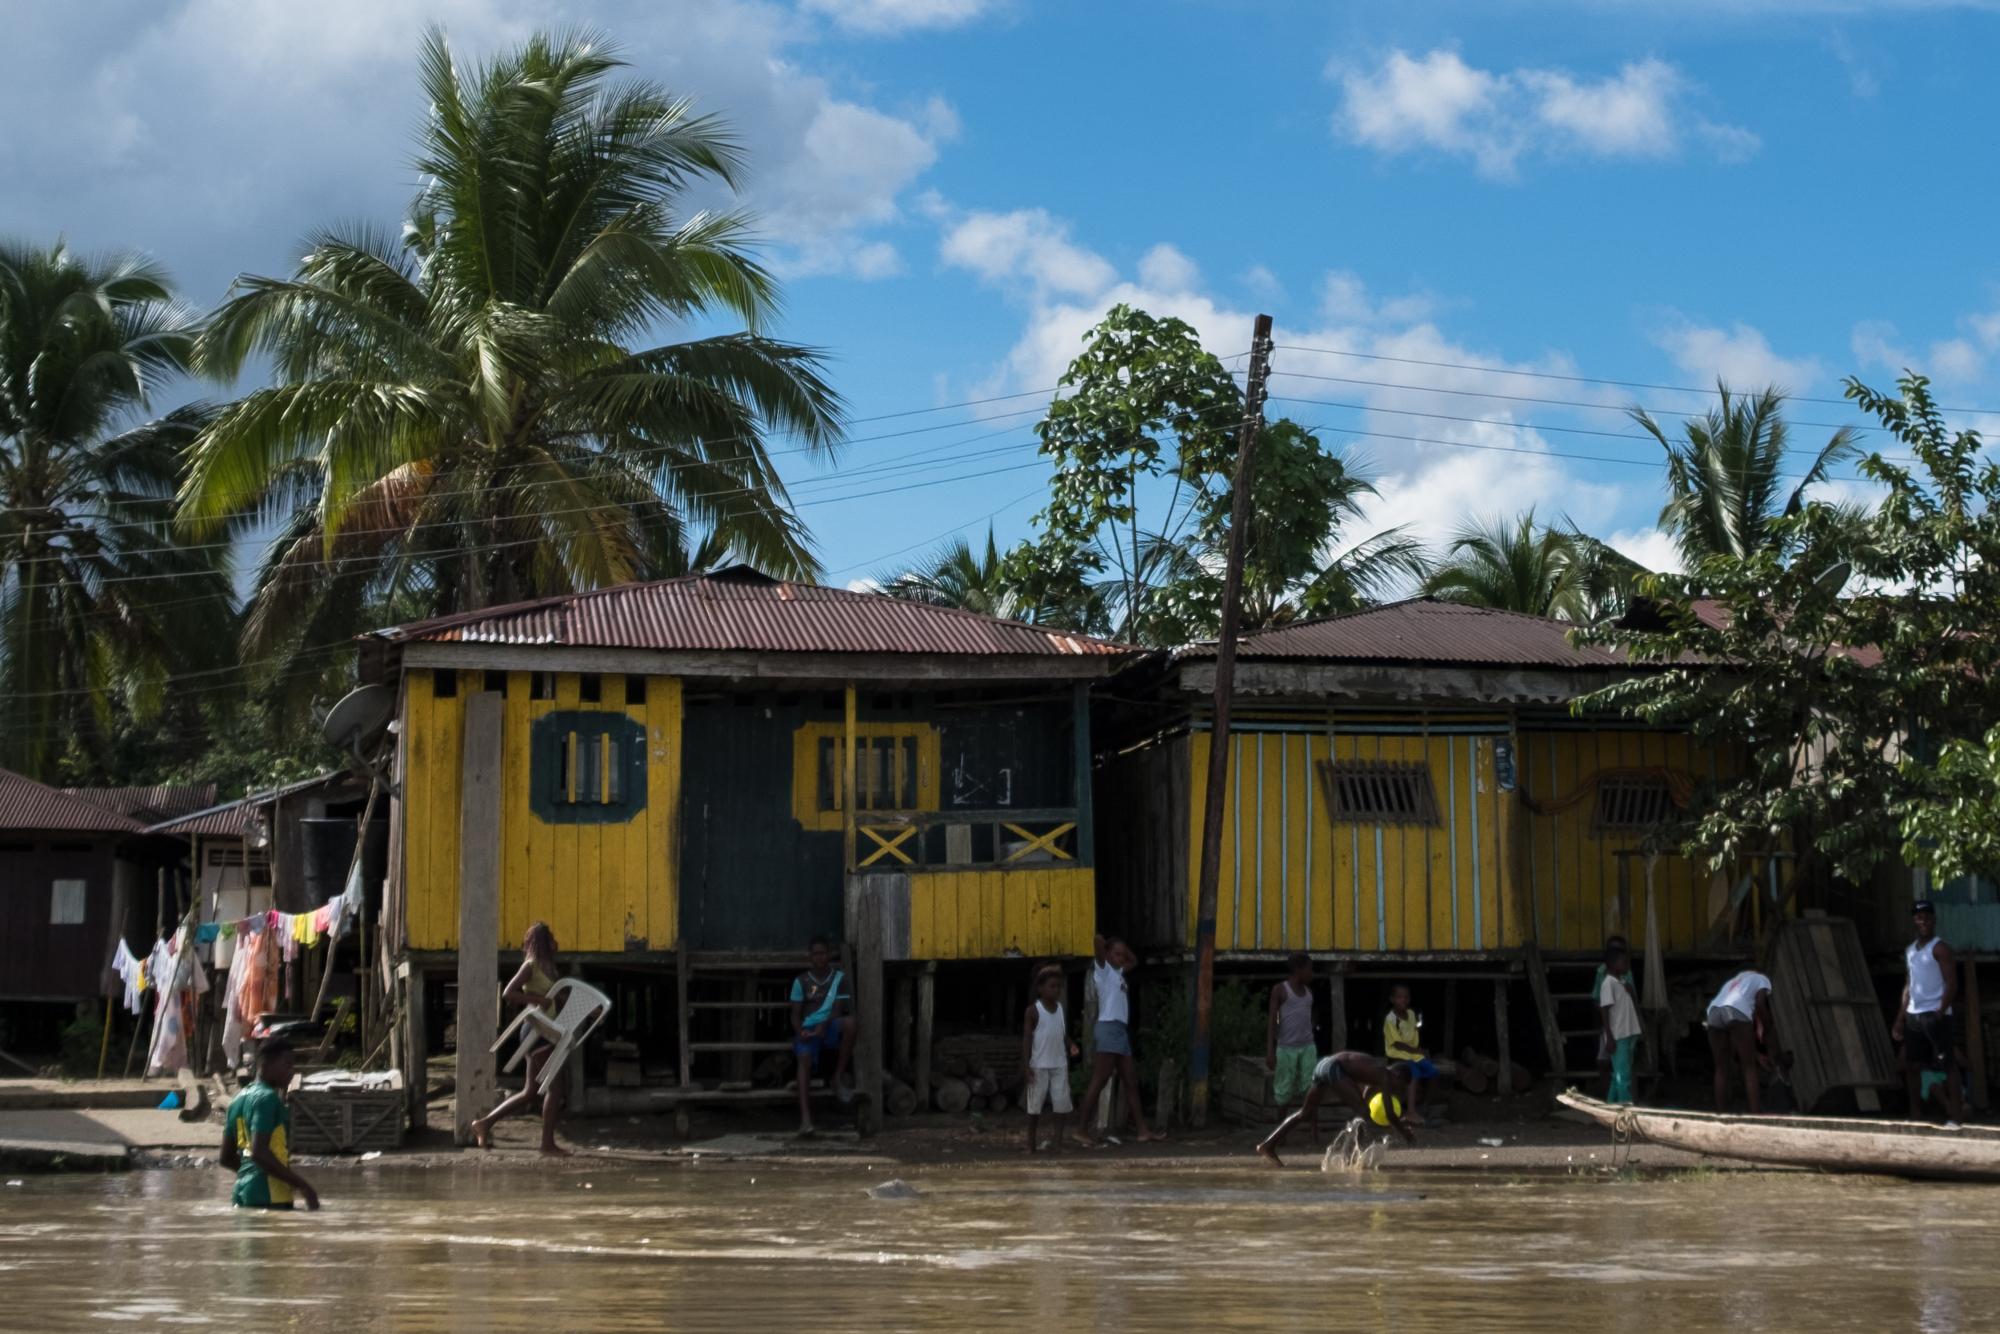 Rivier rechtspersoon Atrato Colombia Cocomacia voogden dorpen